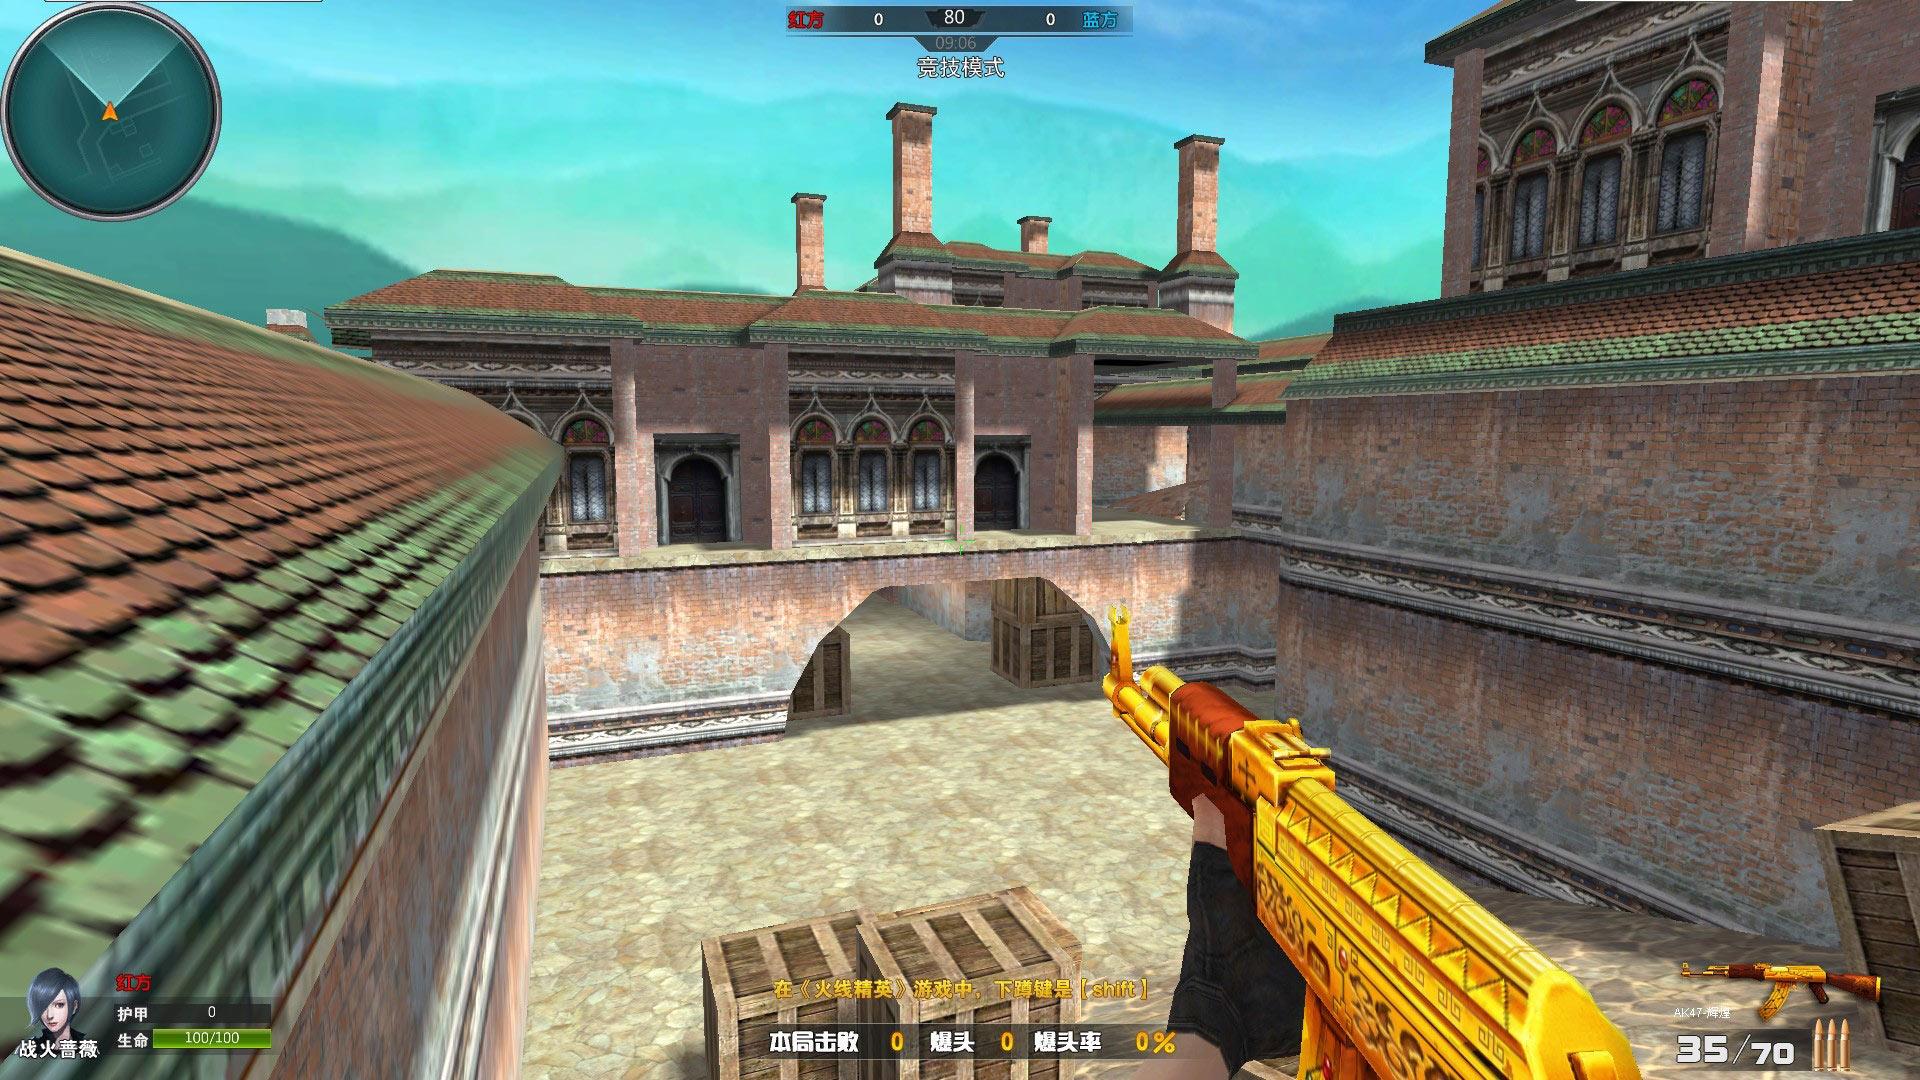 火线精英游戏图片欣赏